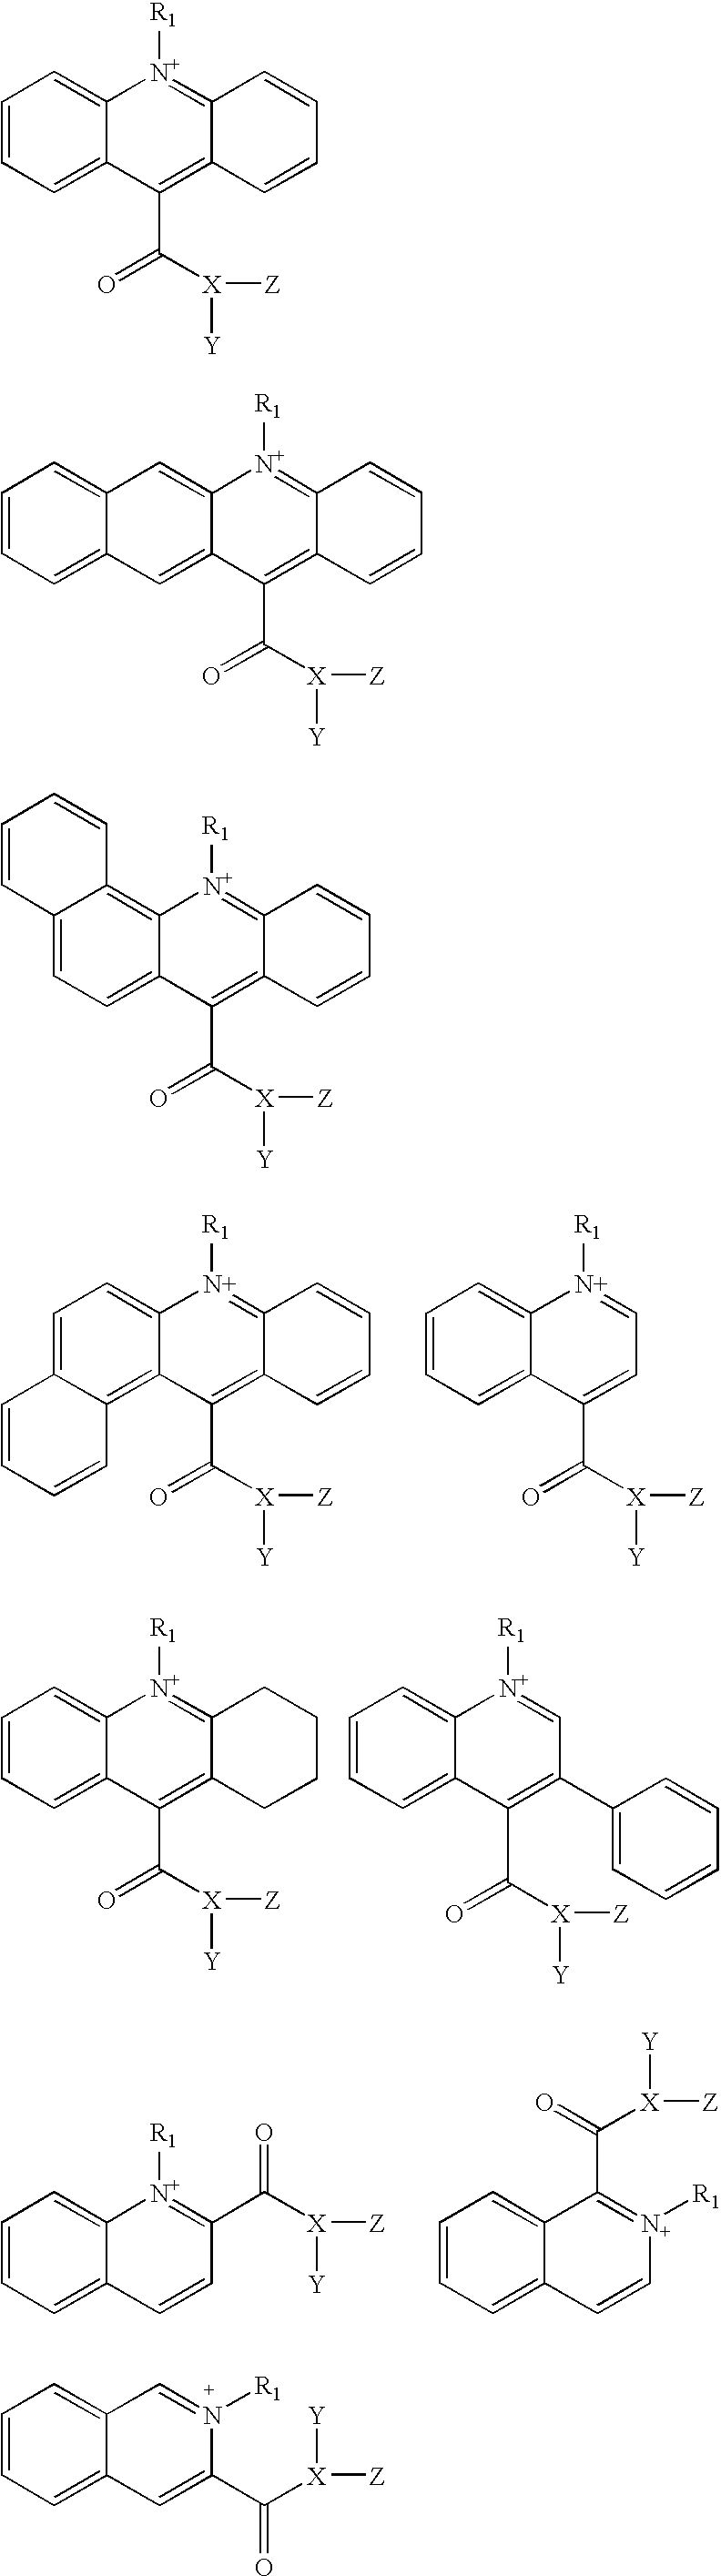 Figure US07459284-20081202-C00004